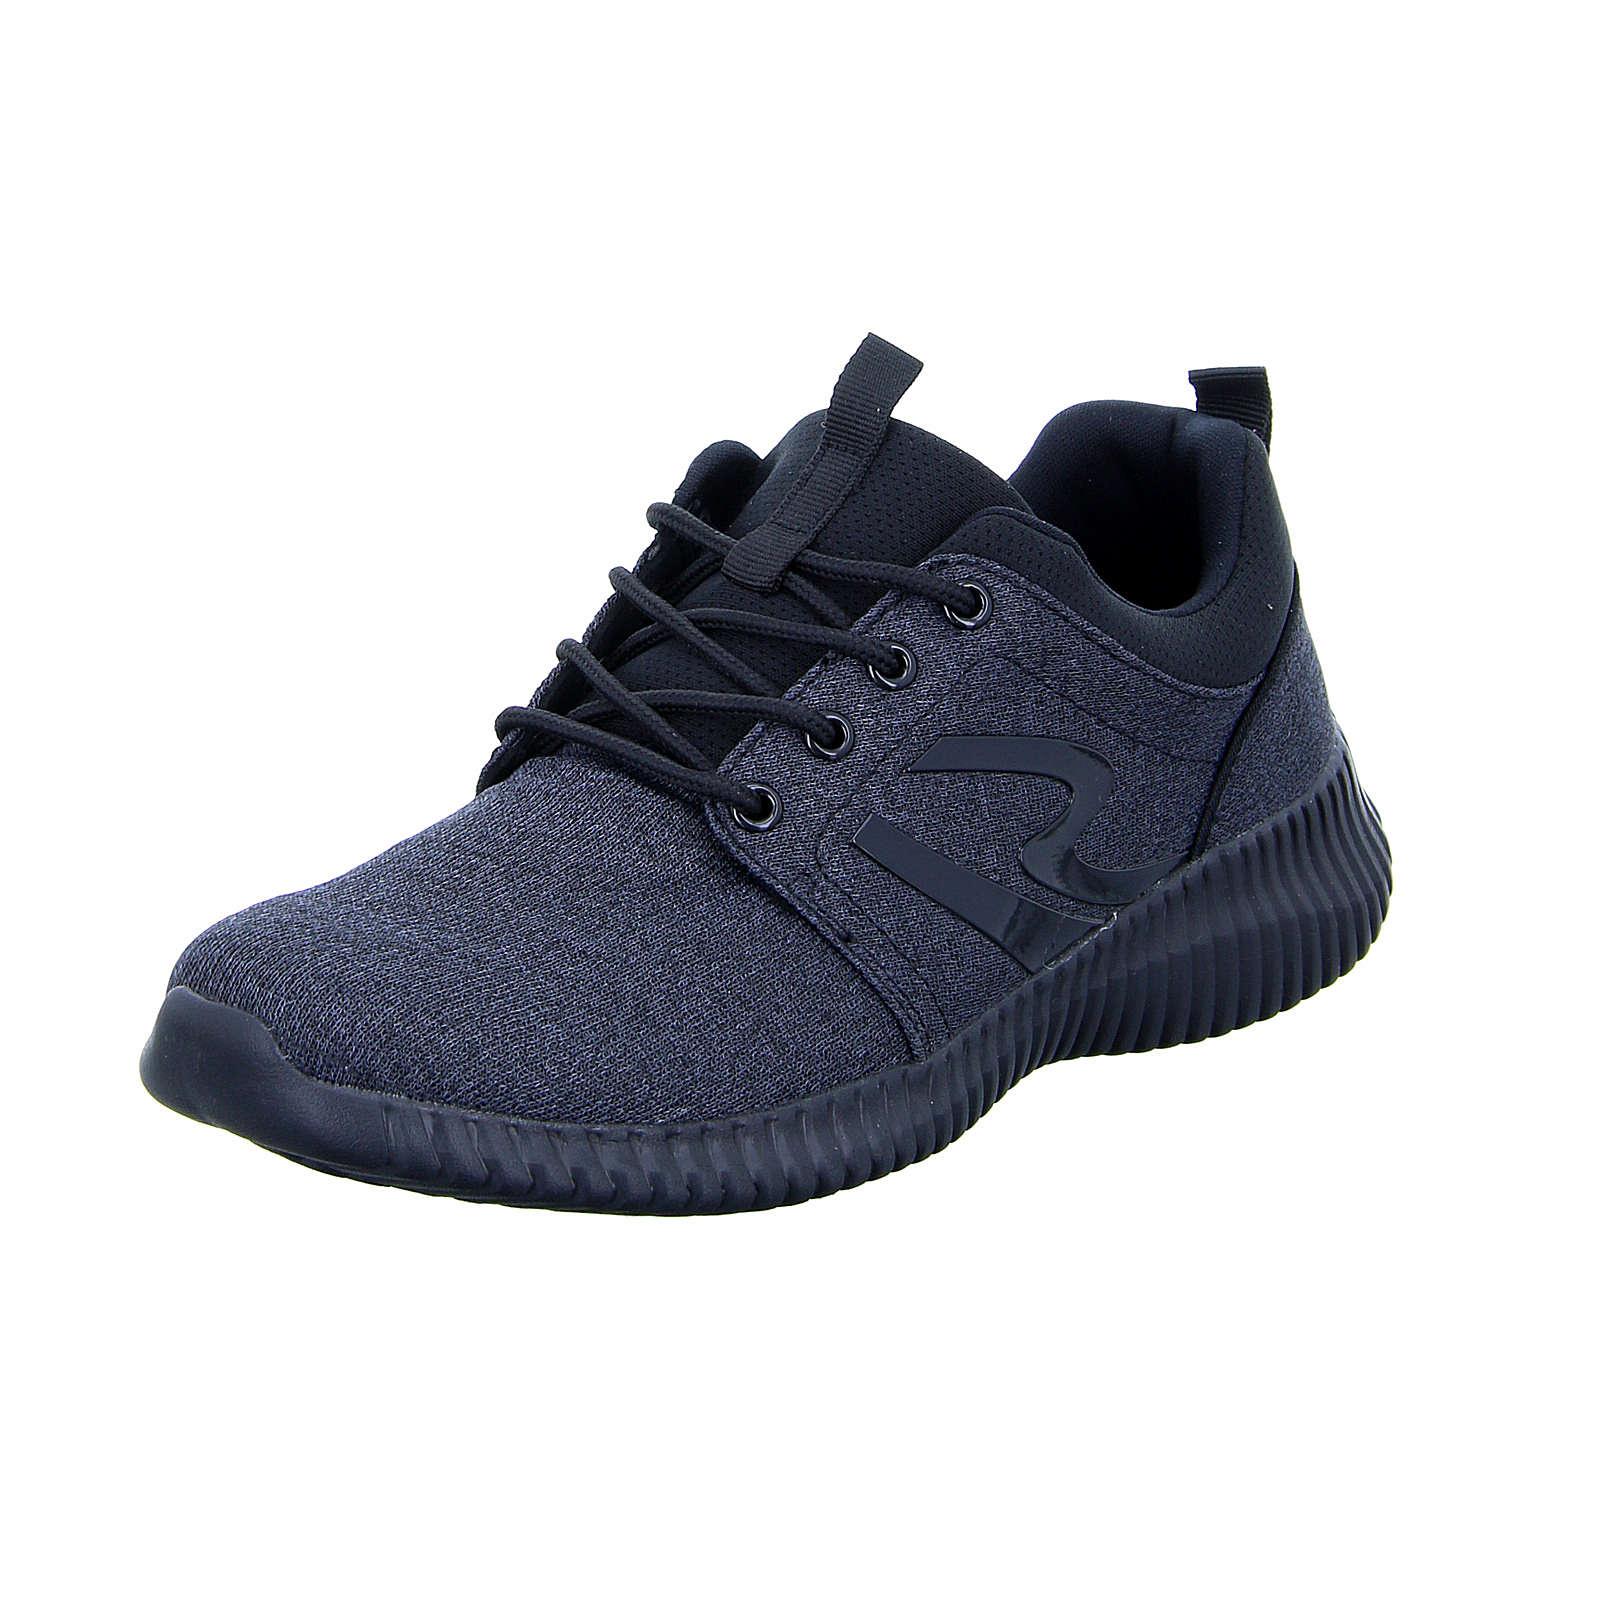 Image of 1704057B Sneakers Low schwarz Herren Gr. 40